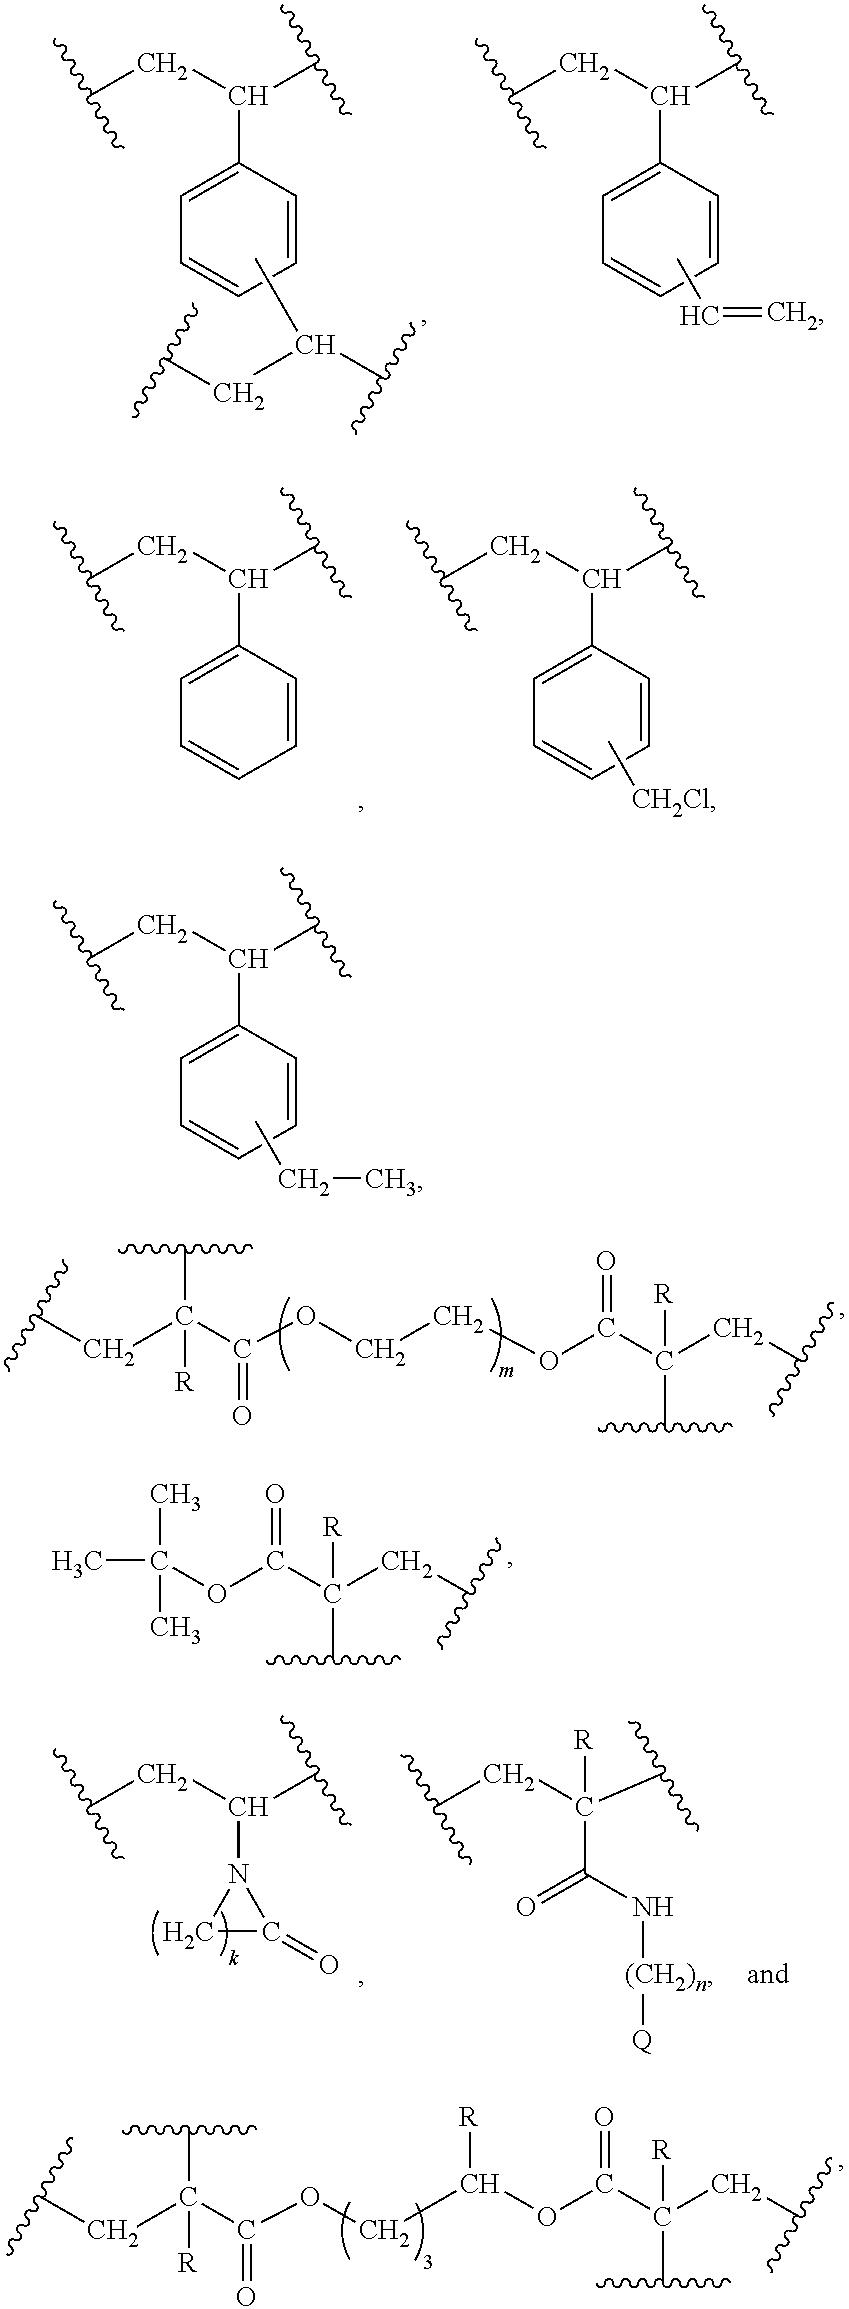 Figure US09546257-20170117-C00032